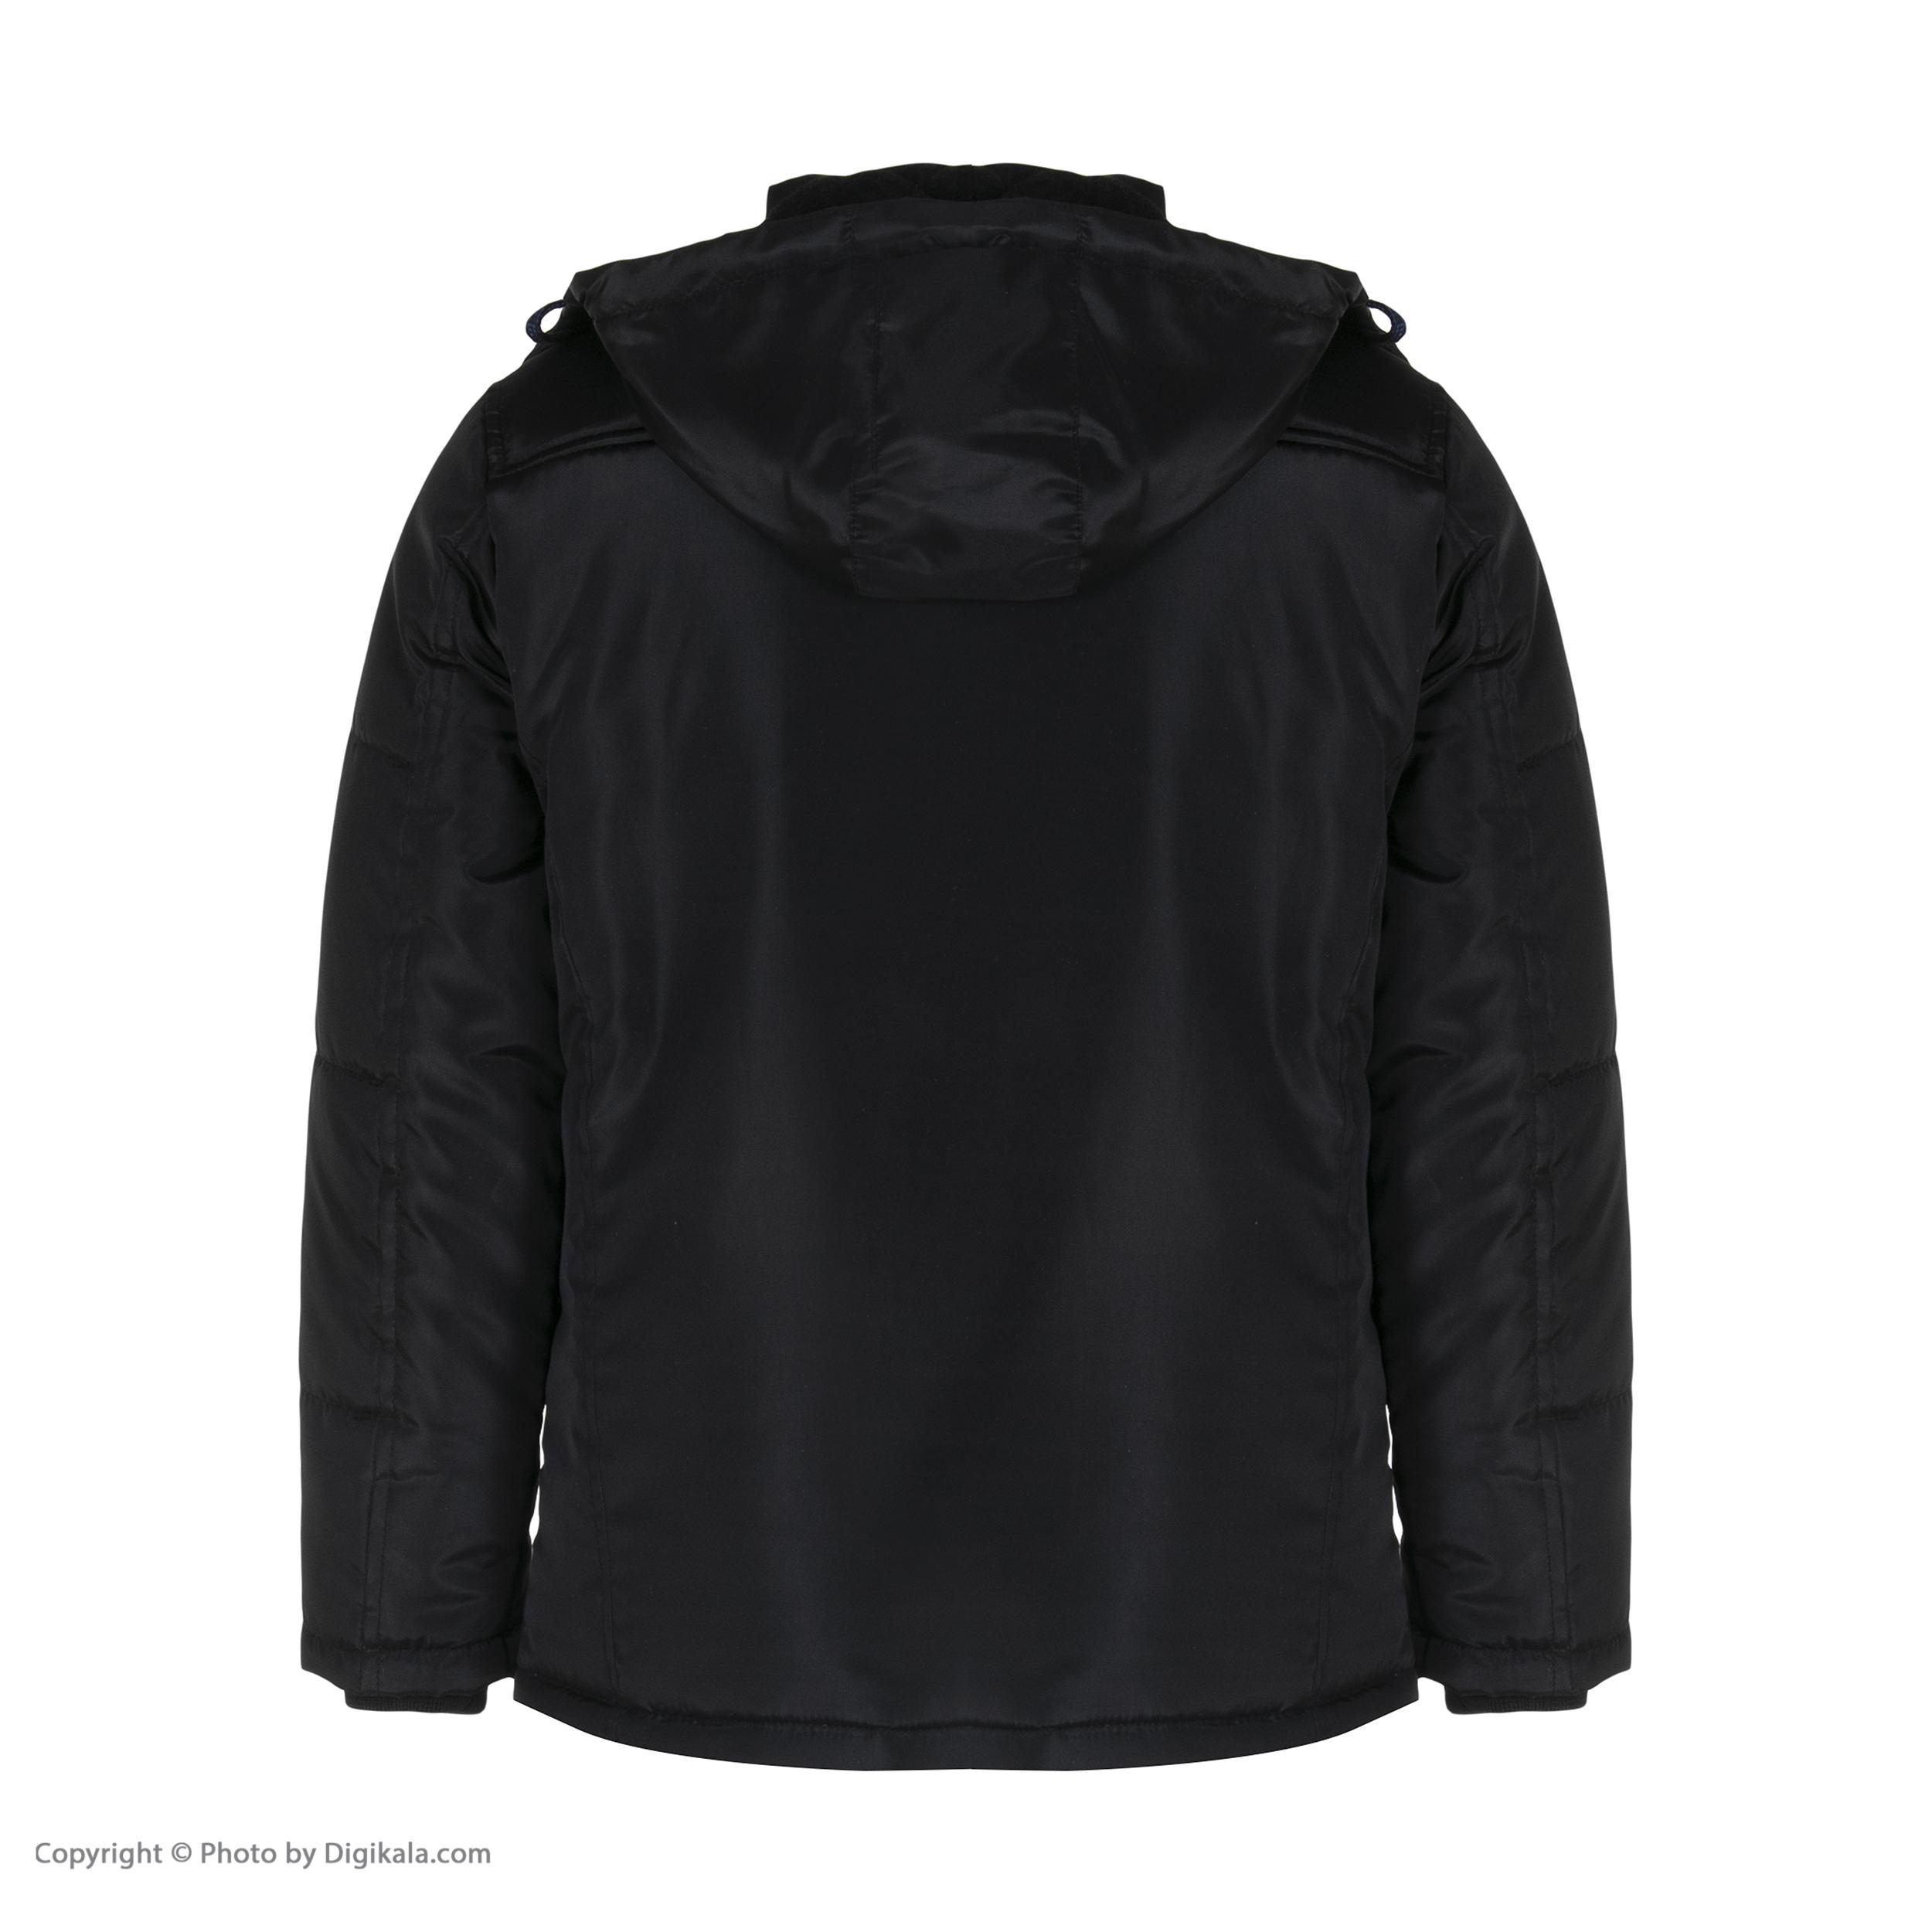 خرید                                     کاپشن مردانه کد Kz2001